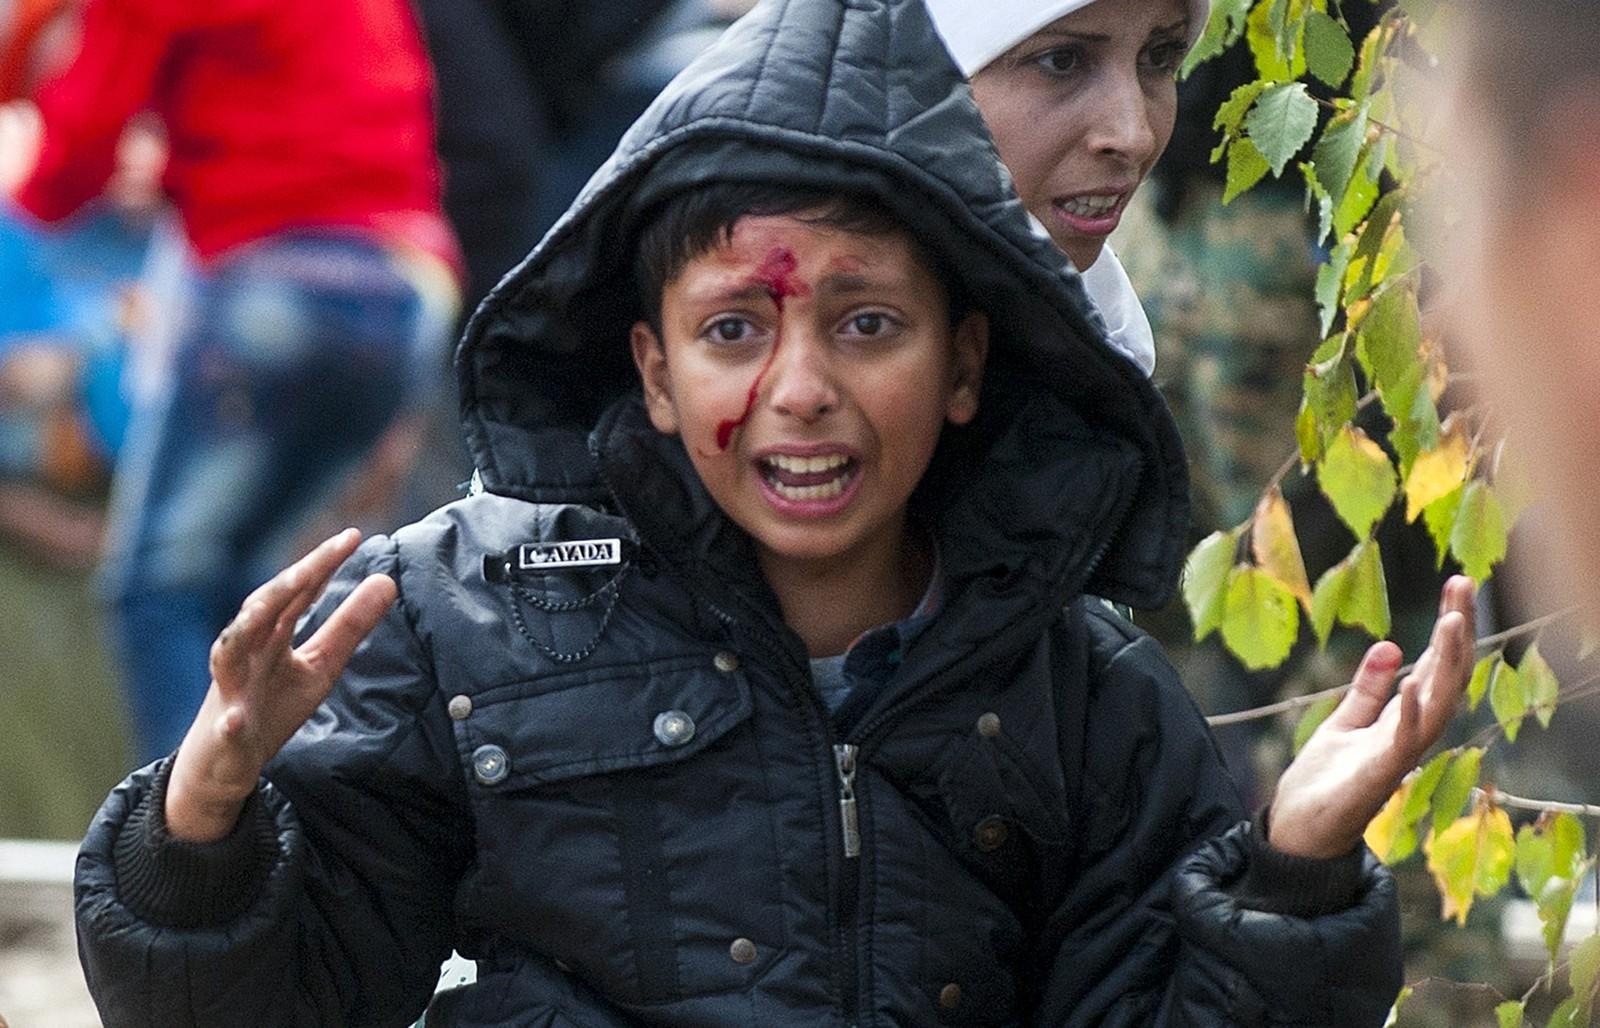 Et fortvilet og skadet barn gråt etter møtet med makedonske grensevakter. Flere tusen prøver å krysse grensa mellom Hellas og Makedonia.